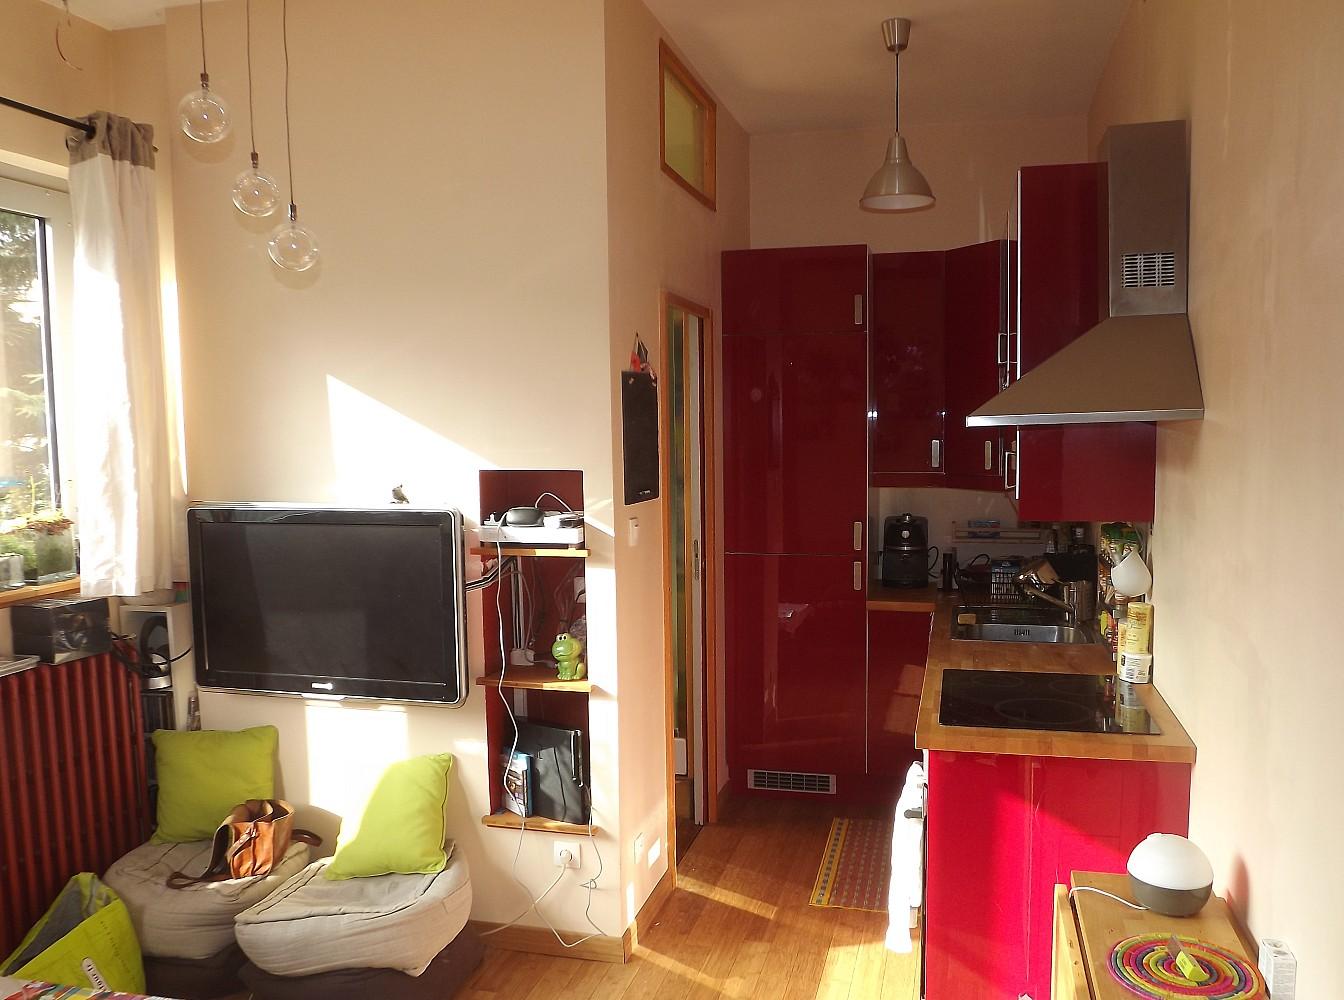 Location Appartement Rennes Particulier Quai Richemont Pas Cher